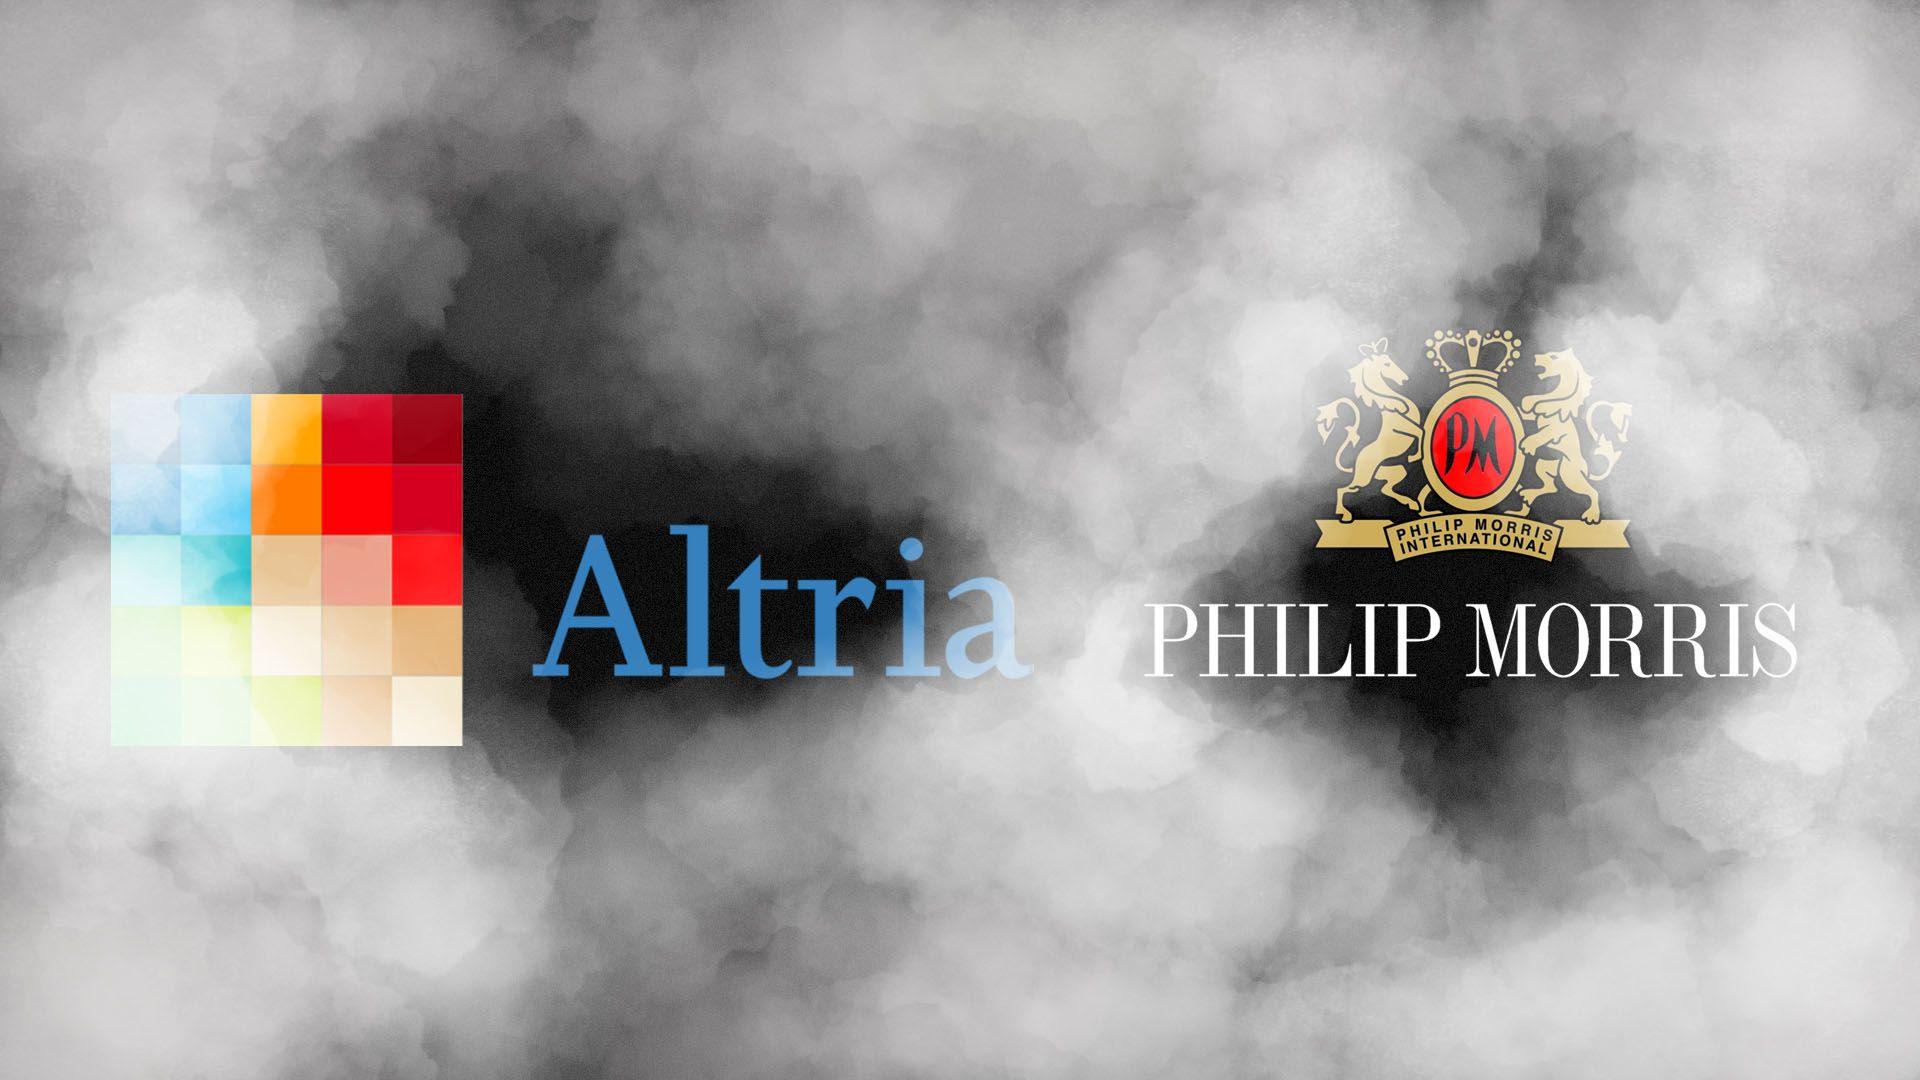 Logos of Altria and Philip Morris